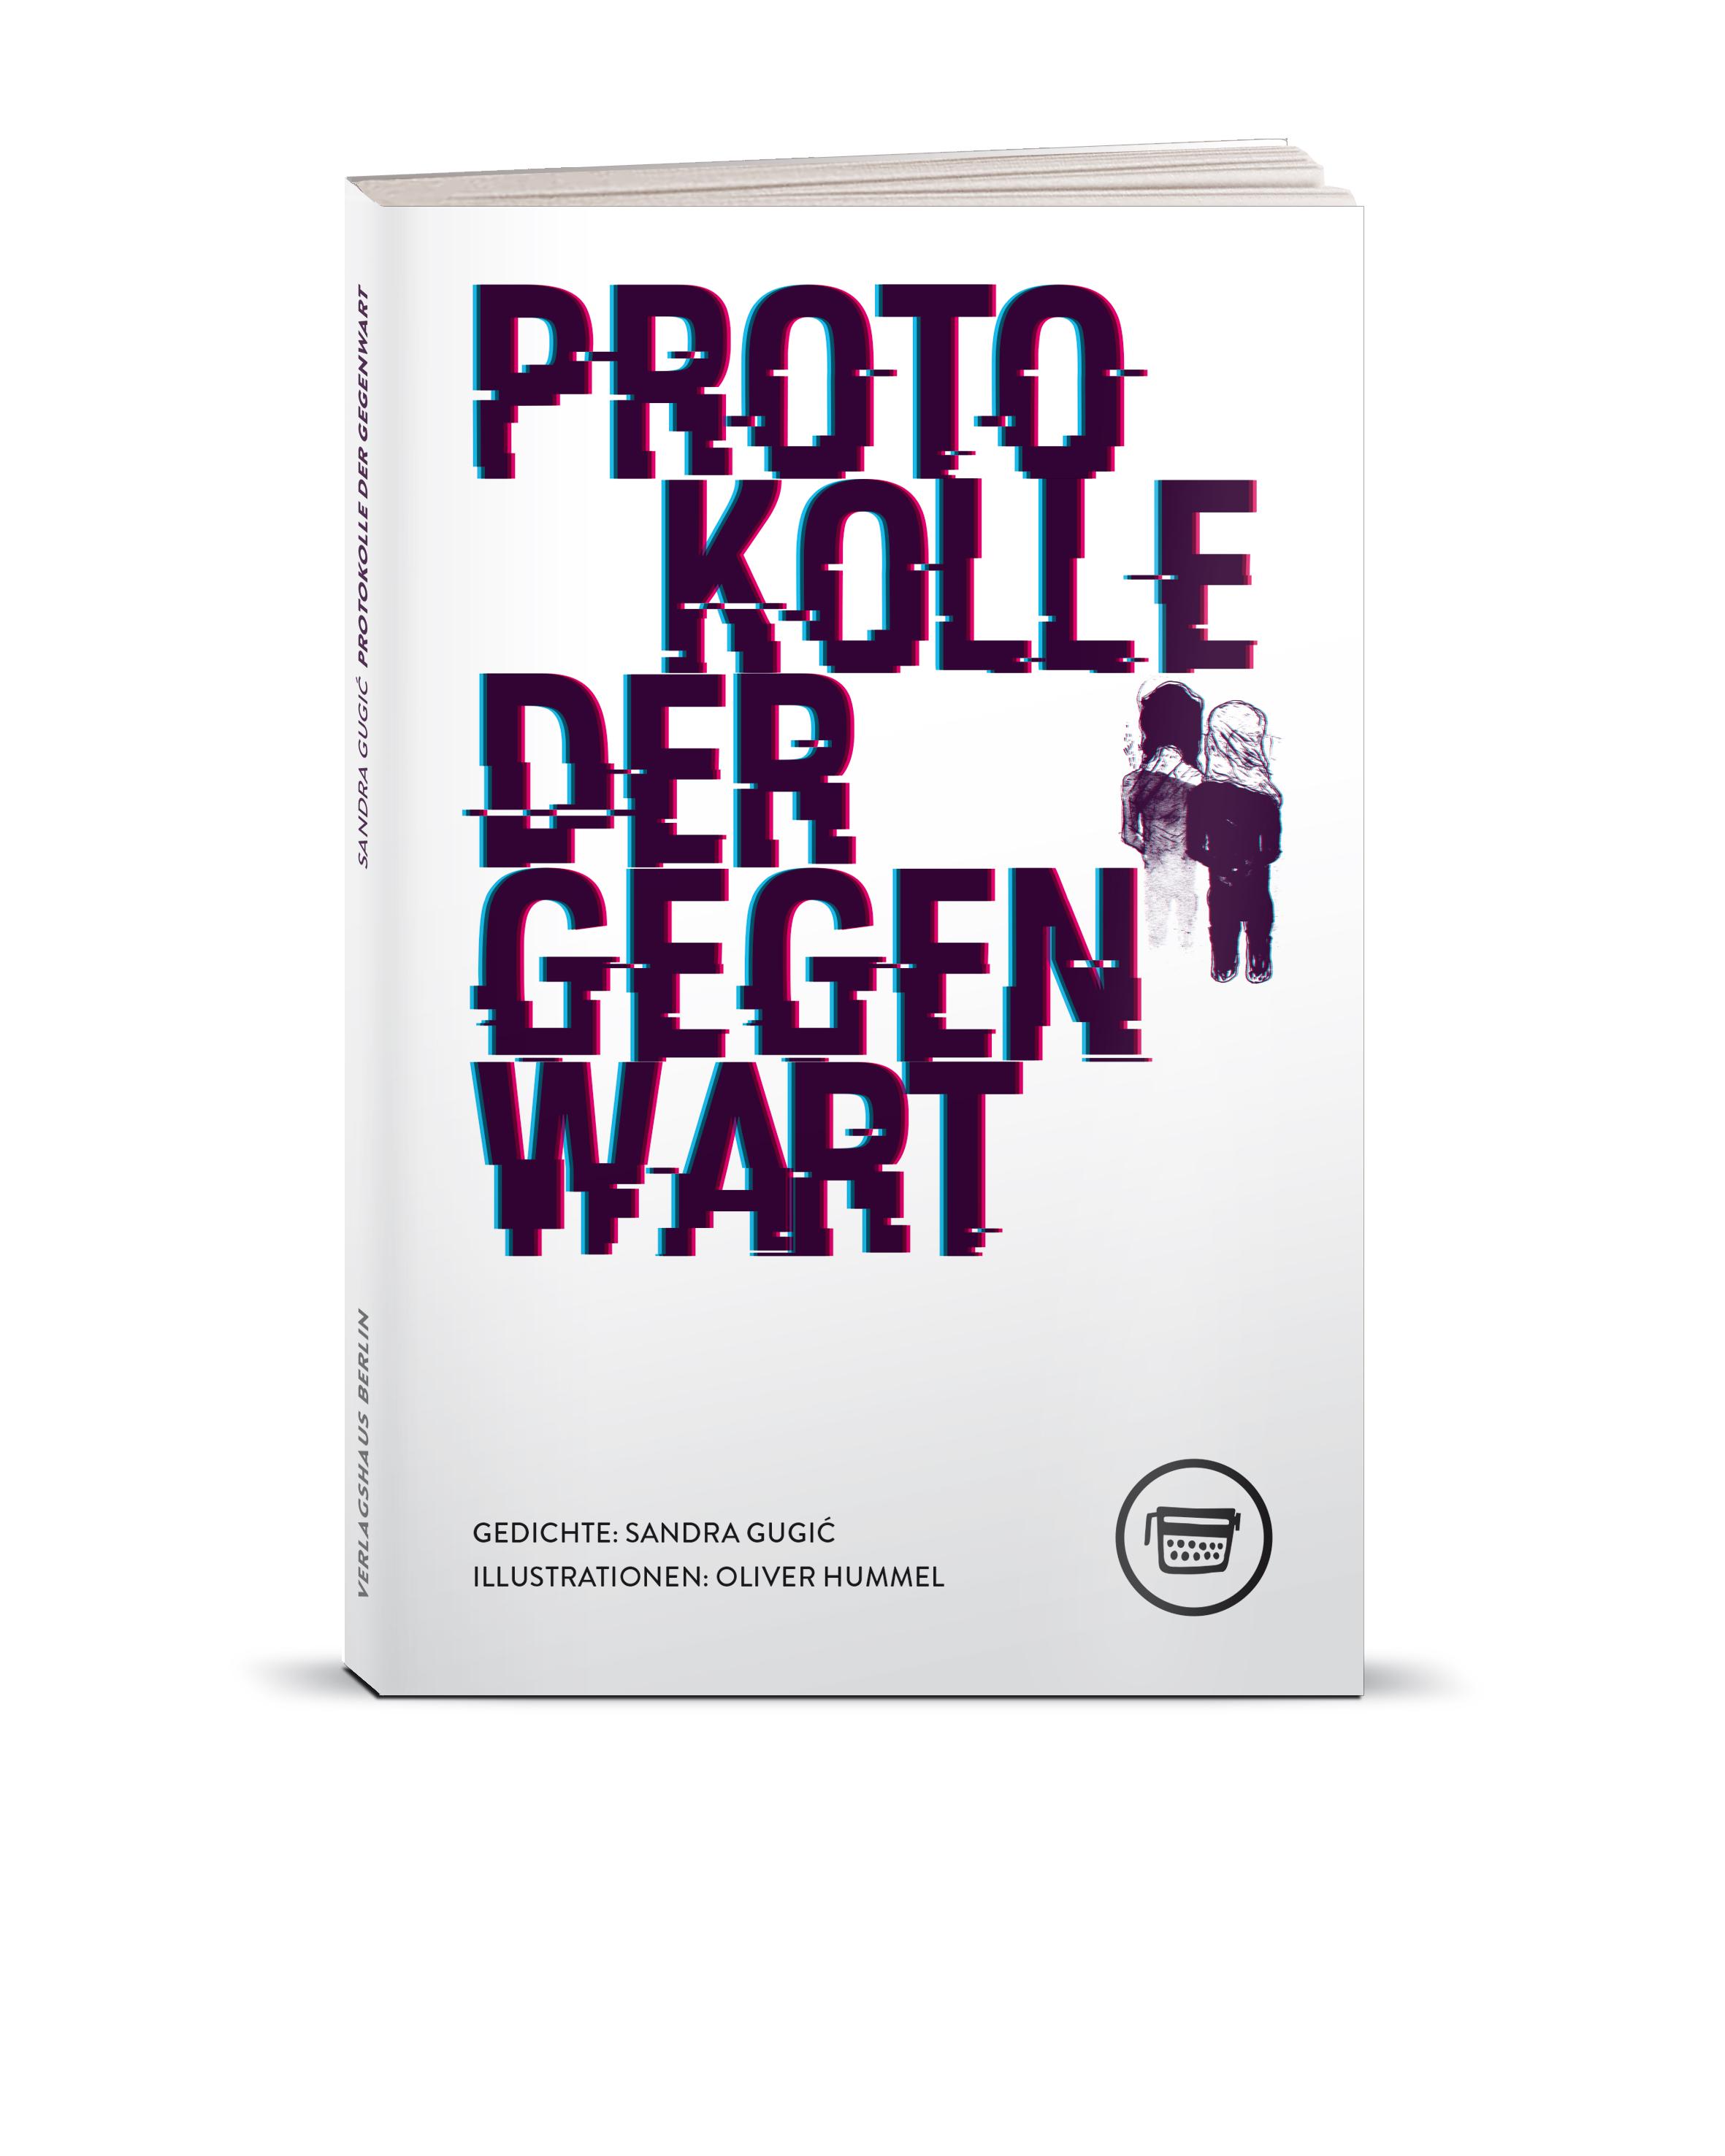 Protokolle der Gegenwart / Verlagshaus Berlin, 2019